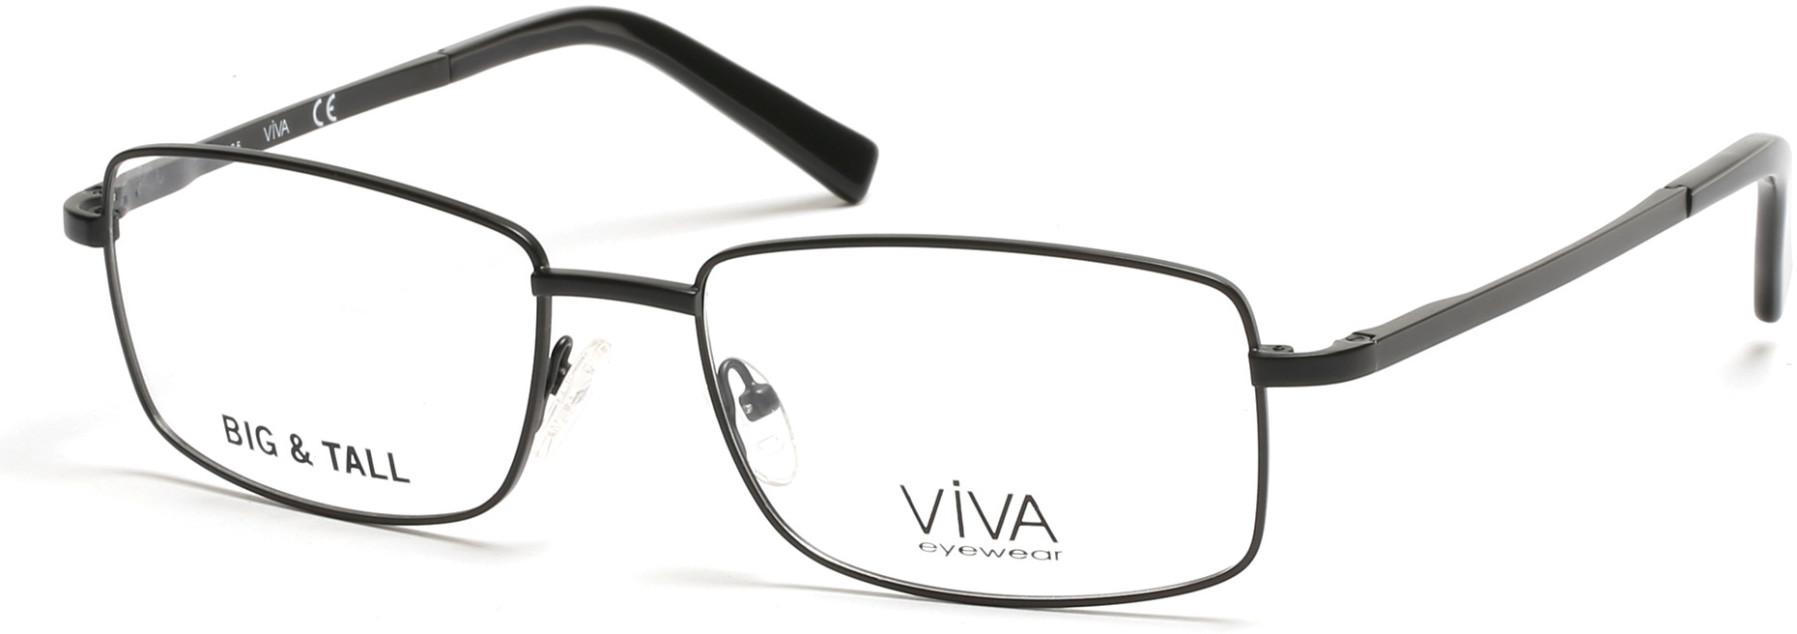 VIVA VV4005 style-color 002 - Matte Black